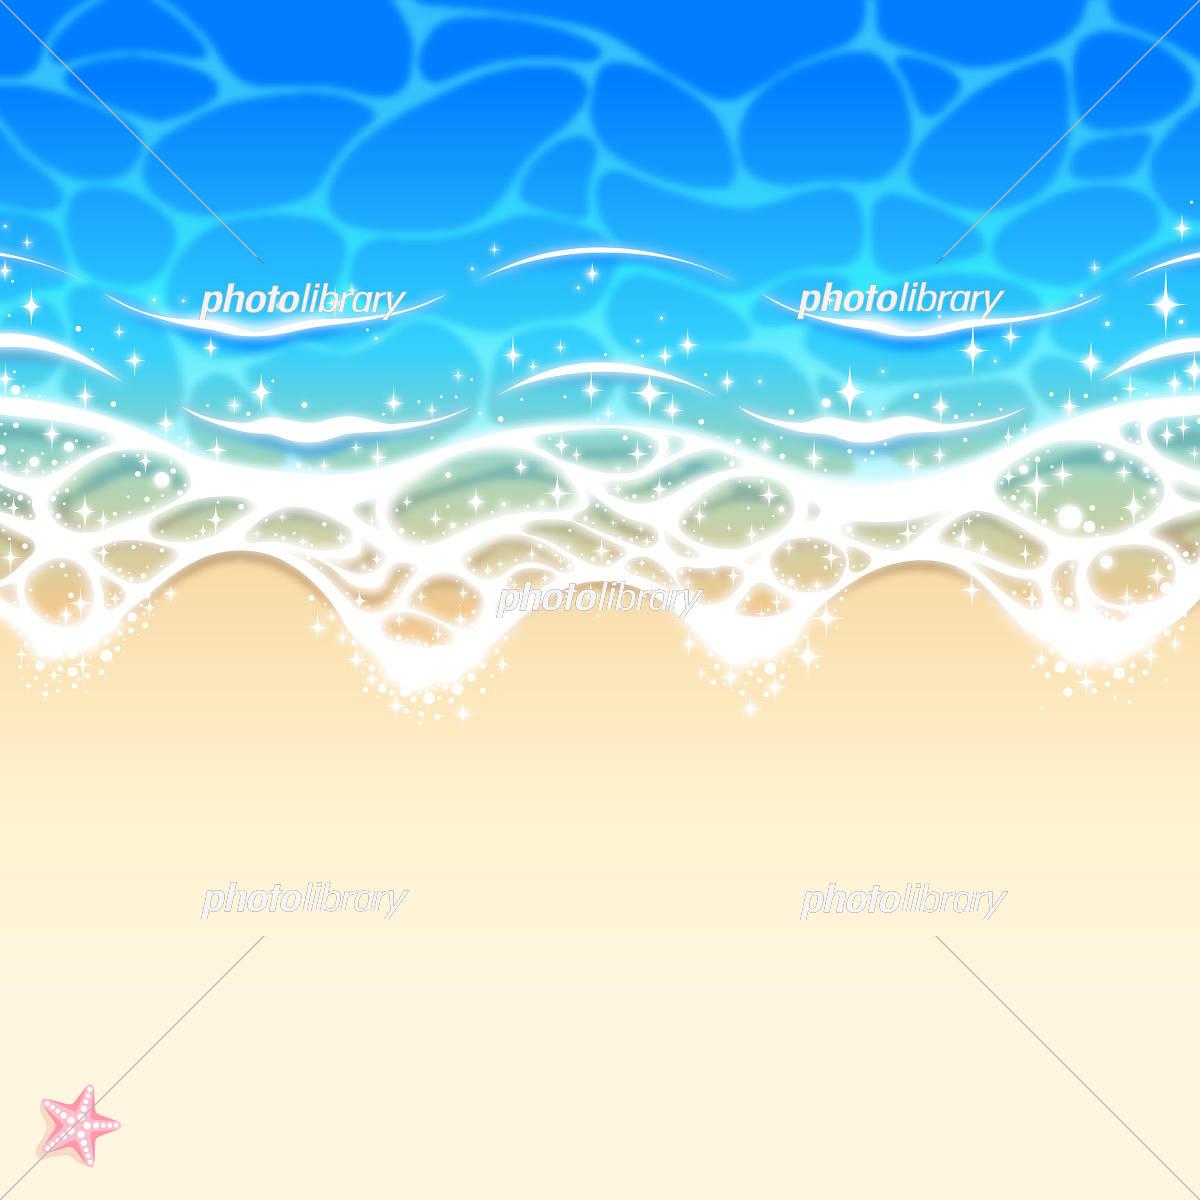 サマービーチ イラスト素材 3262892 フォトライブラリー Photolibrary